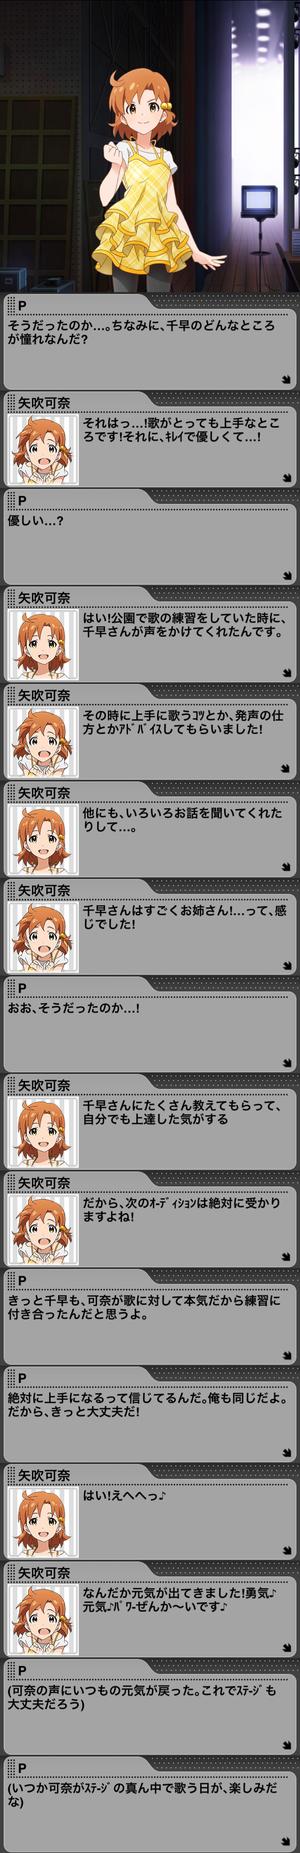 可奈アイドルストーリーLV6_2